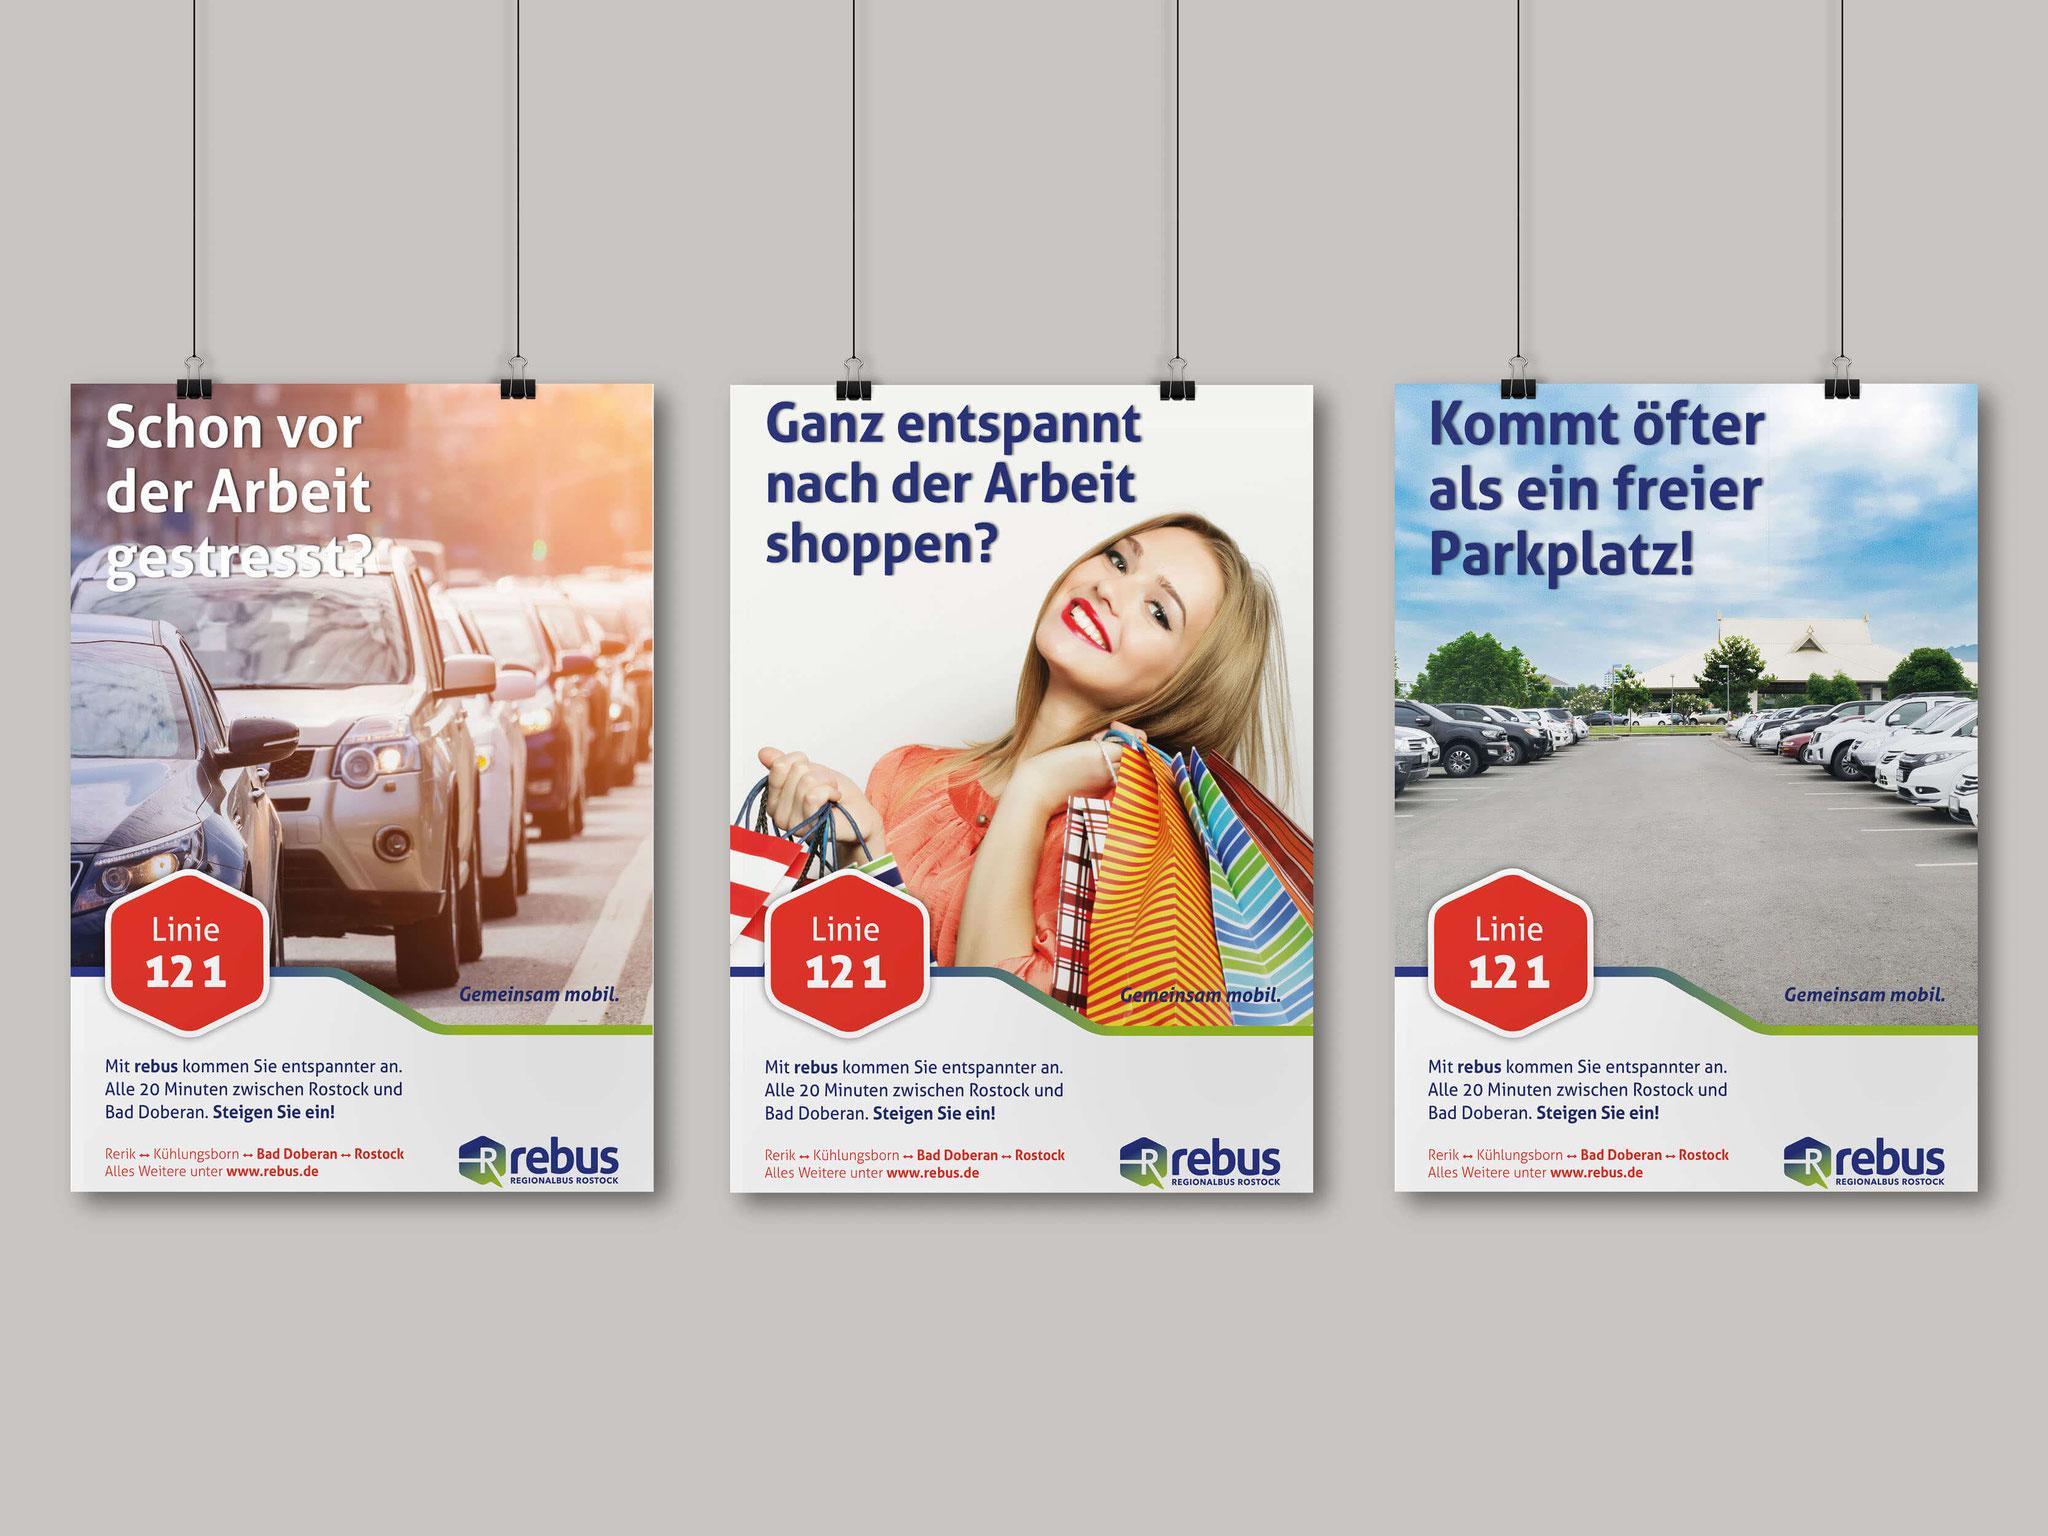 rebus - Marketingkampagne zur Stärkung der Linie 121